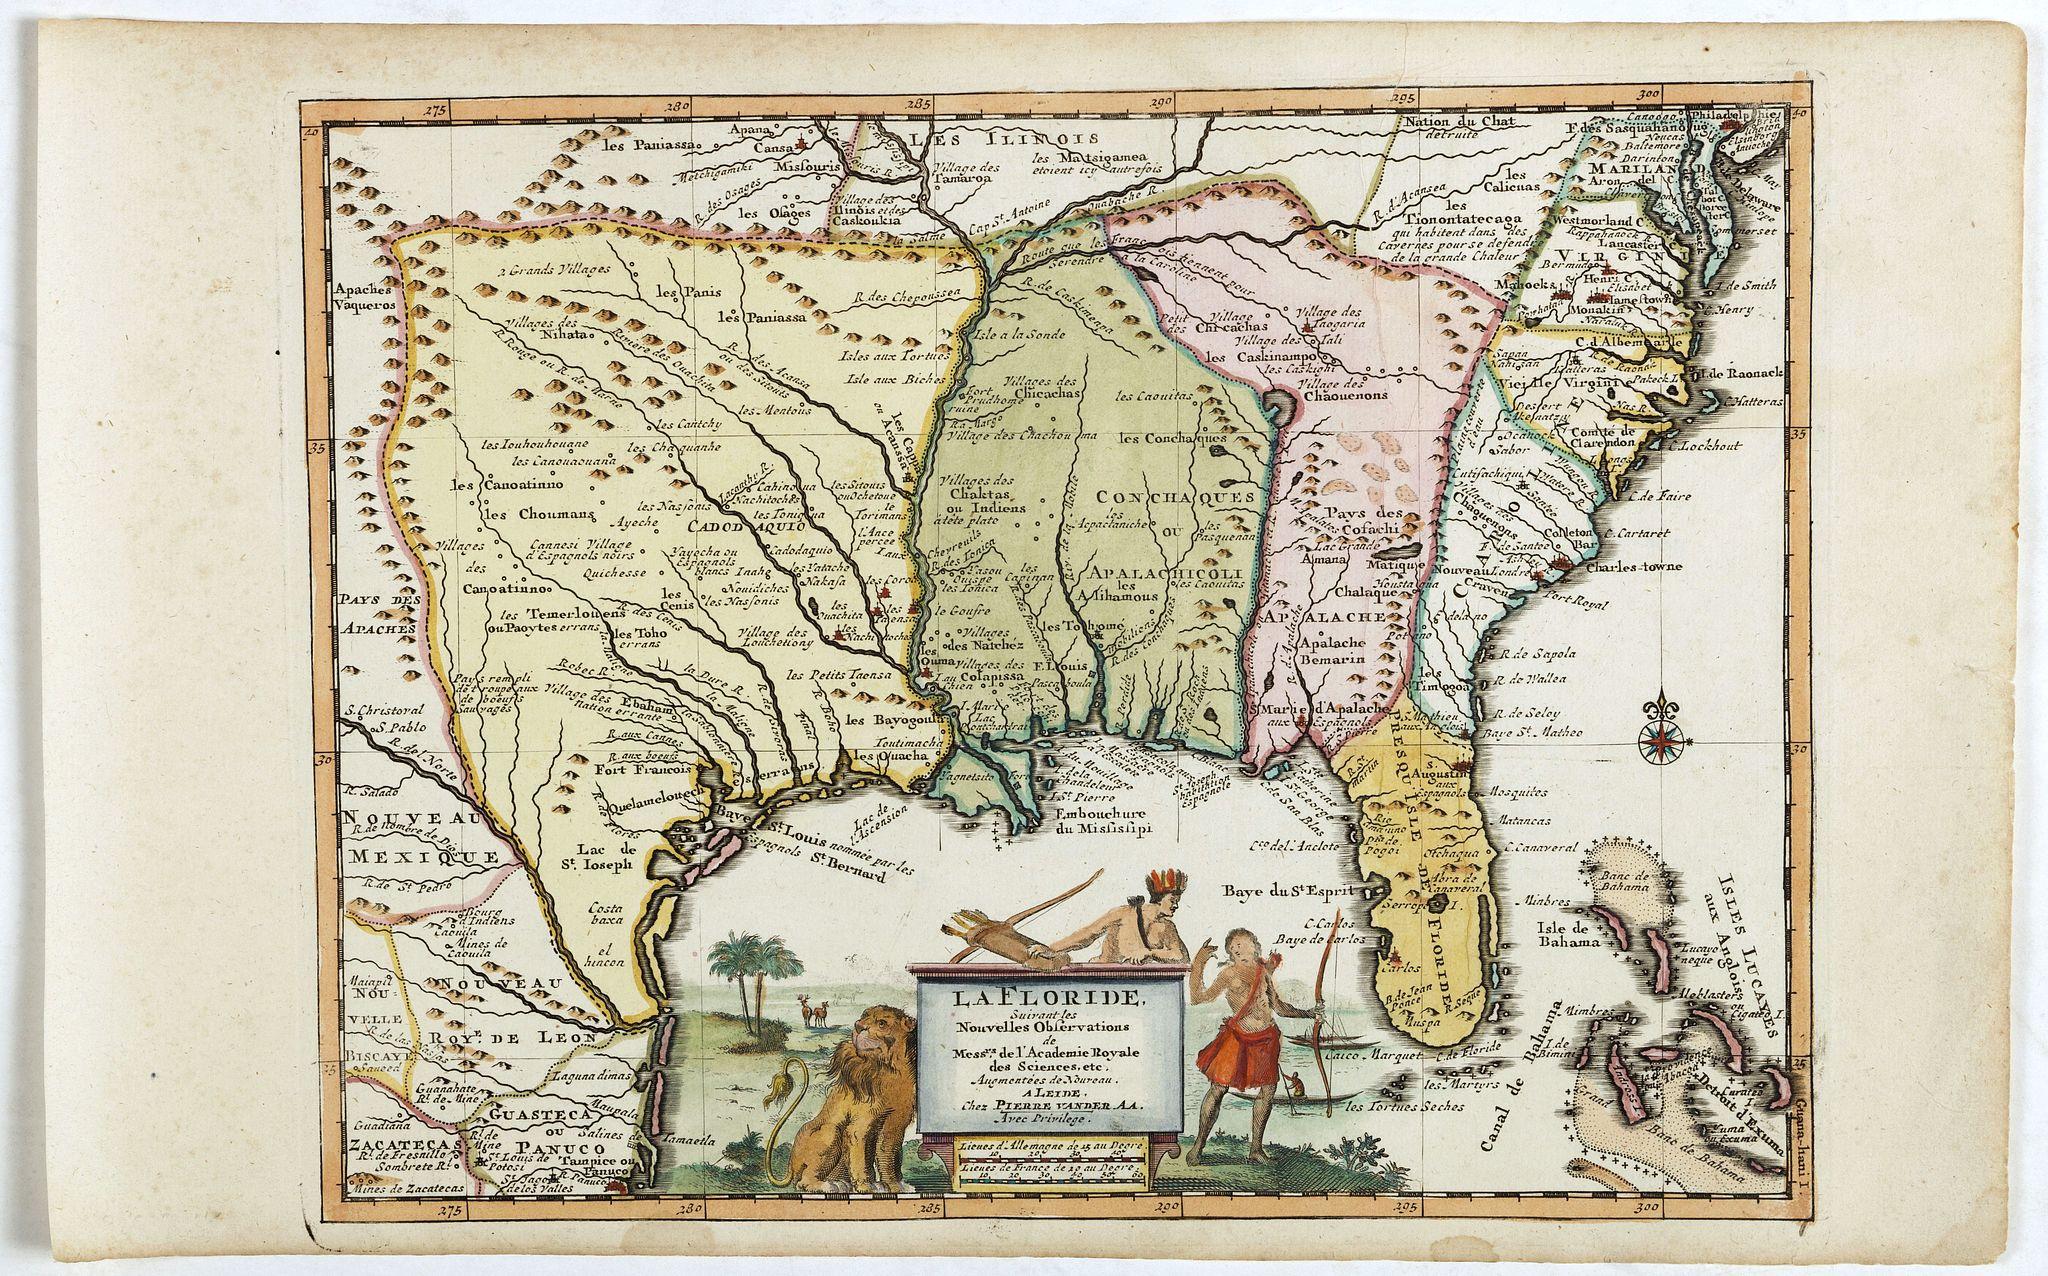 AA, P. van der -  La Floride suivant les nouvelles observations…